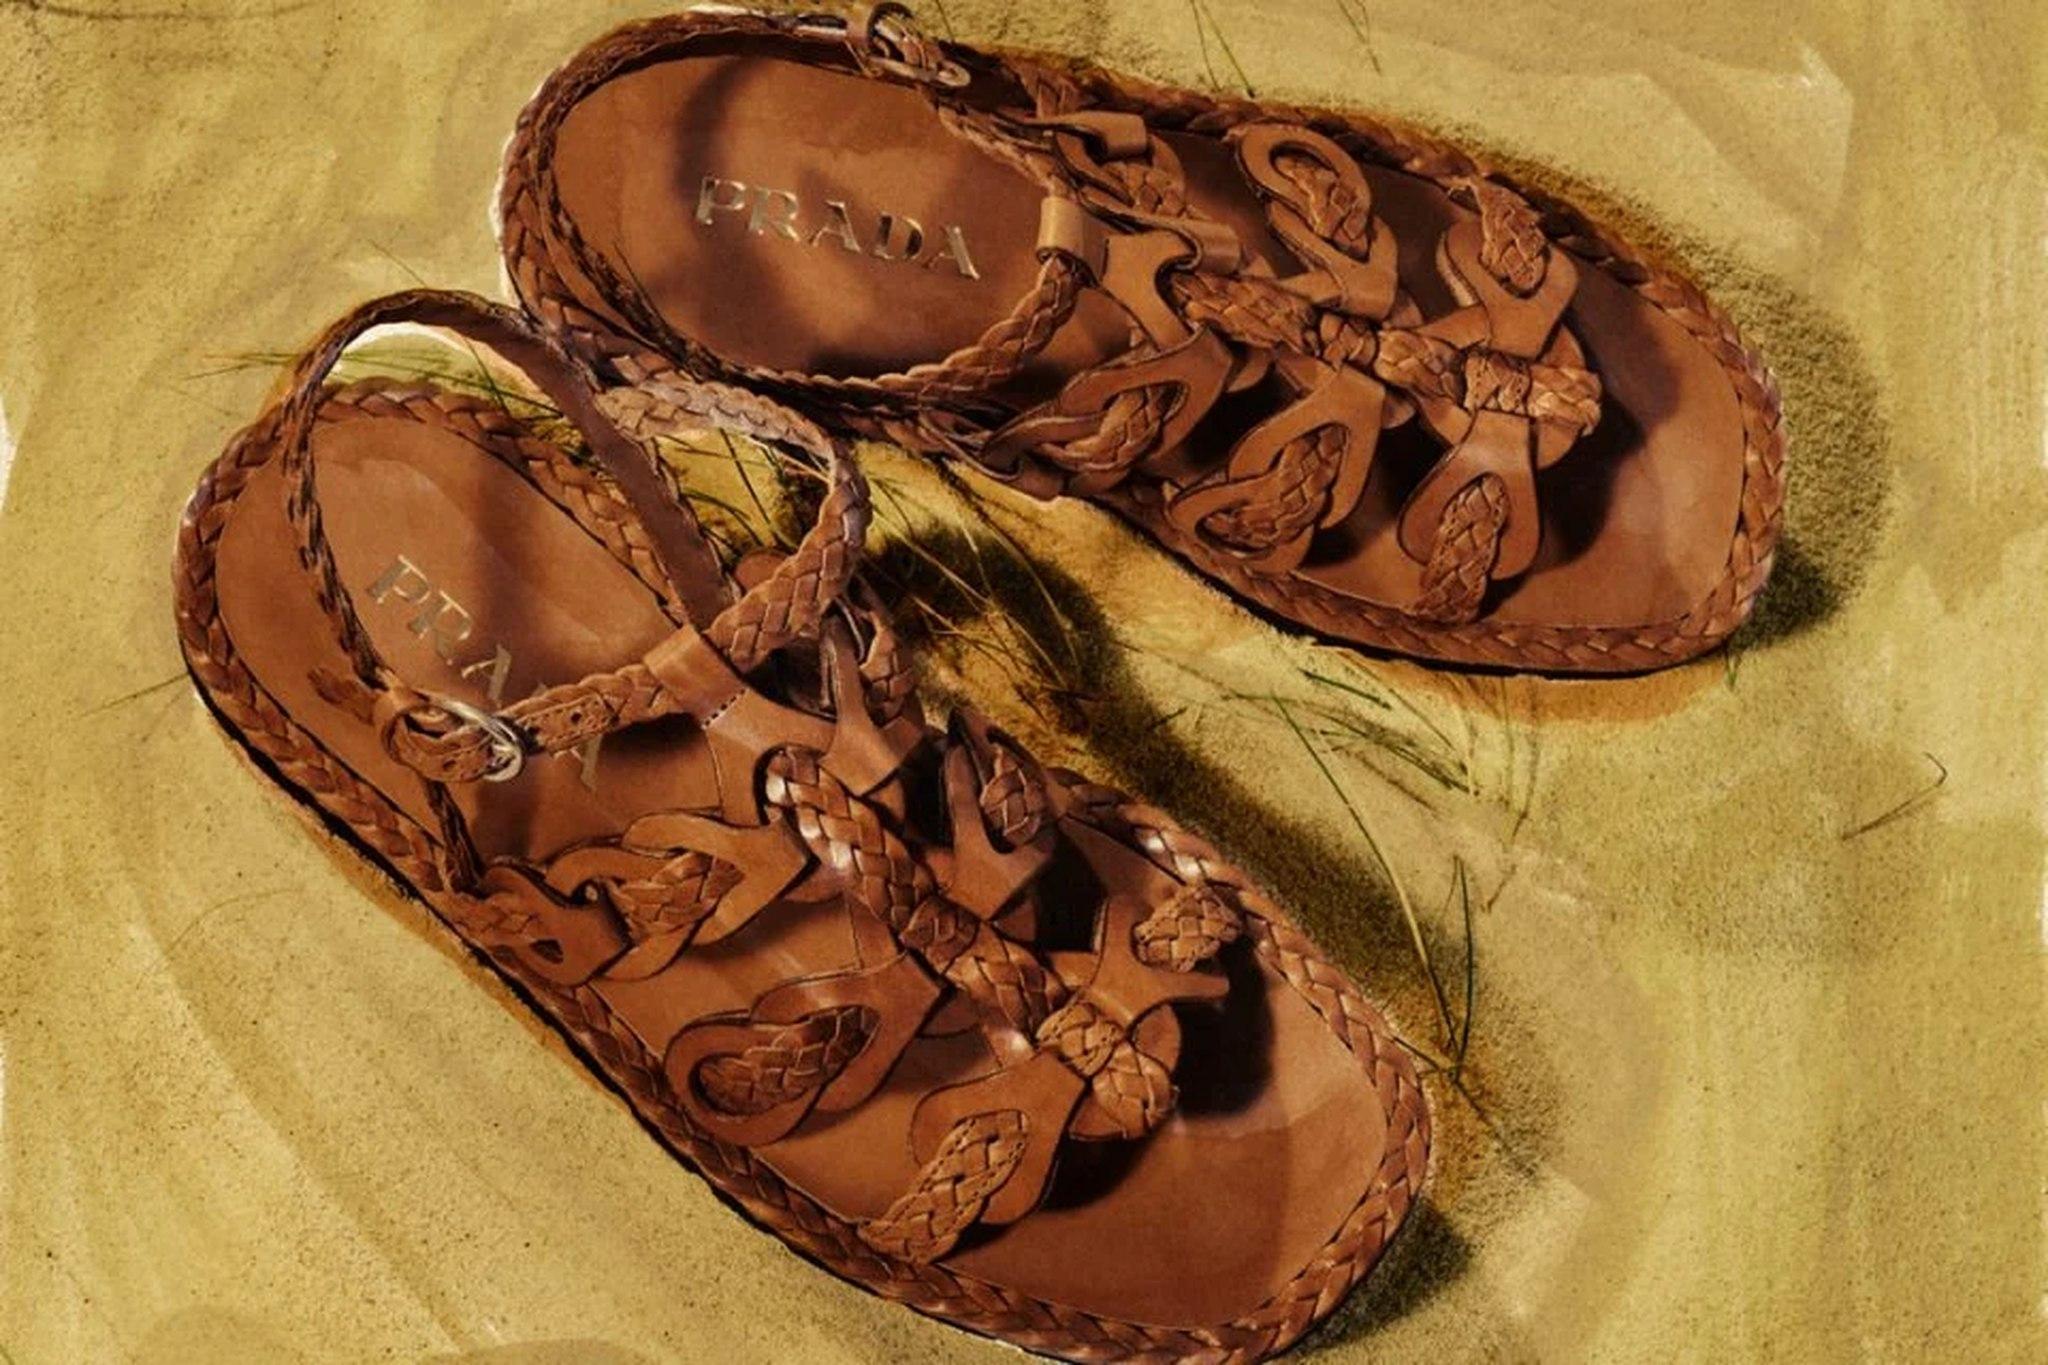 sandália de couro da Prada